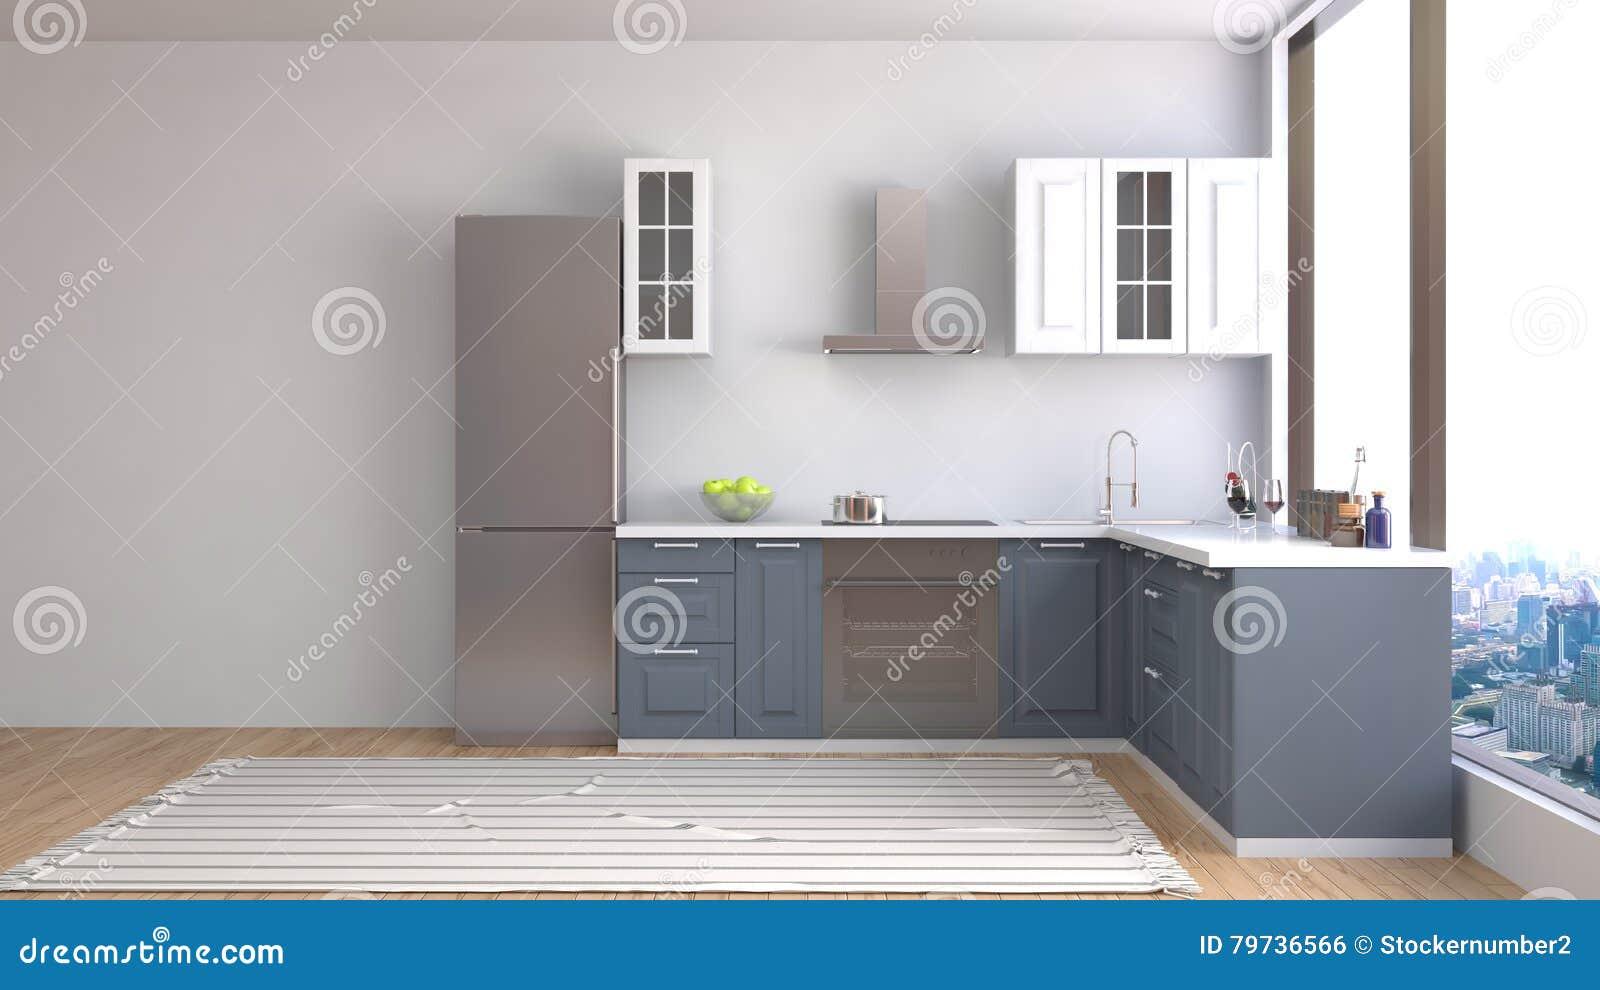 Comedor interior ilustración 3D